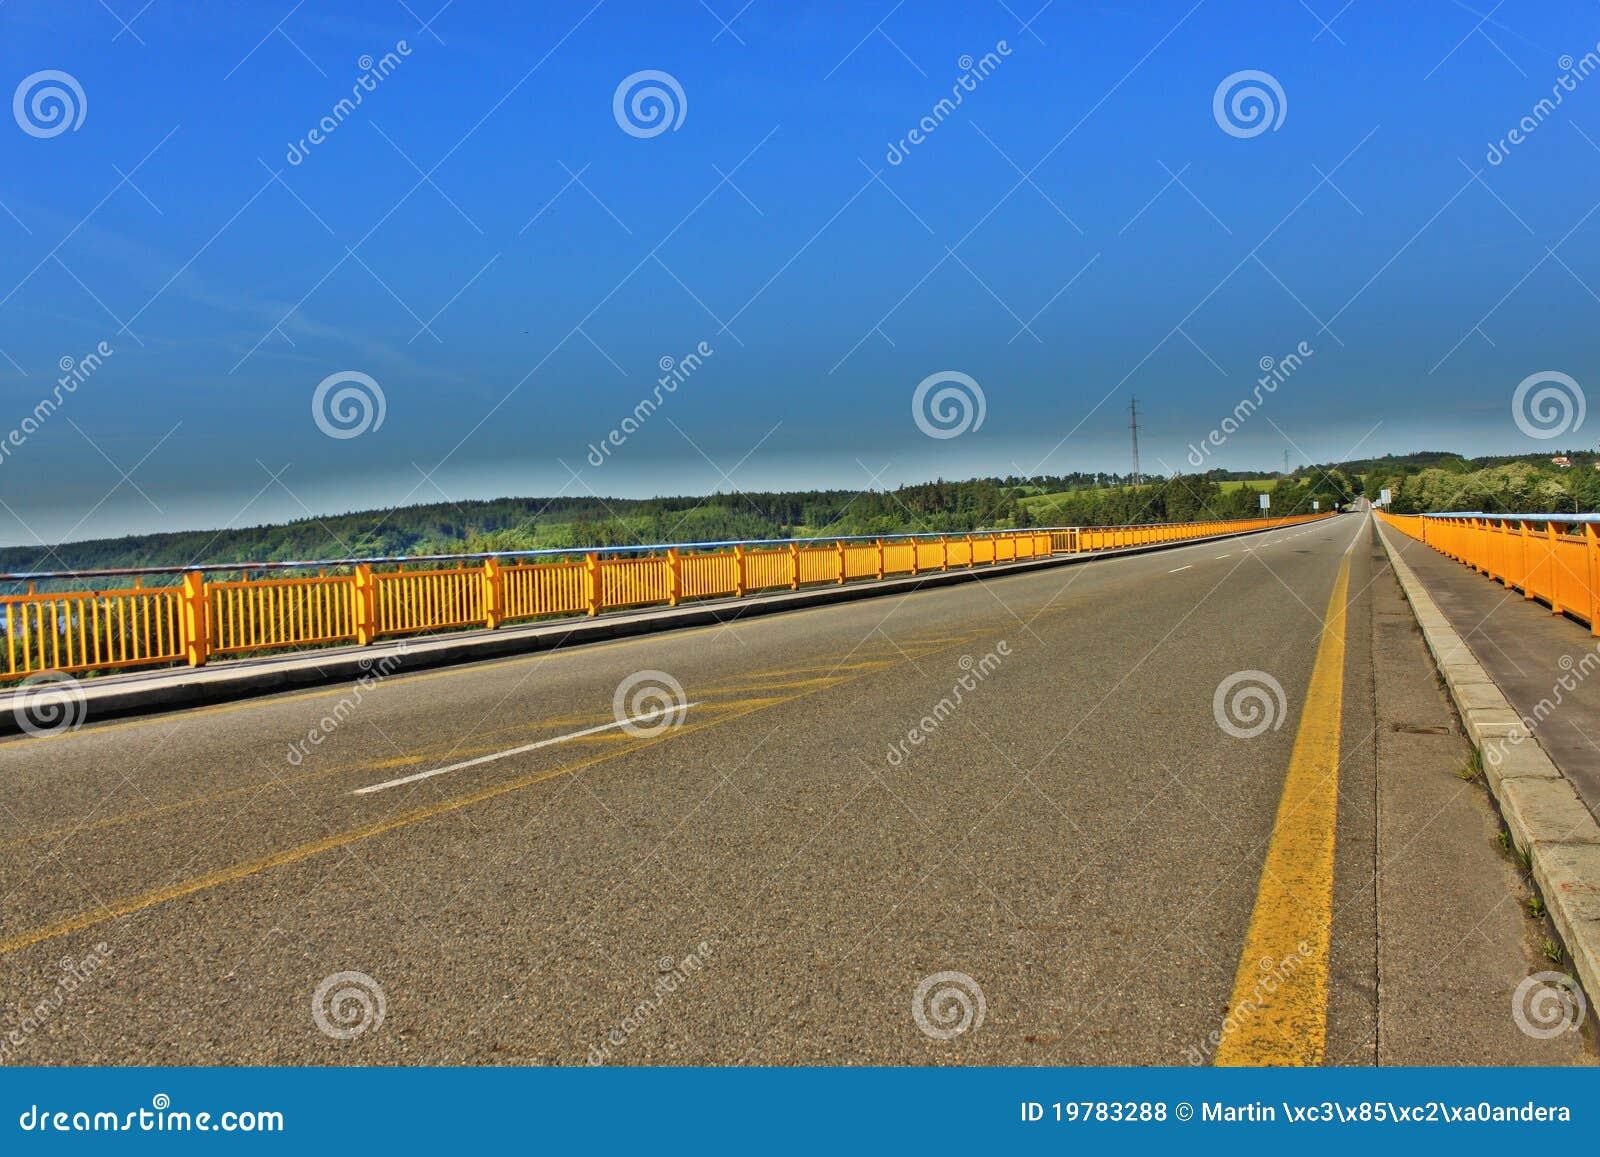 Brofördämningorlik över zdakovkov